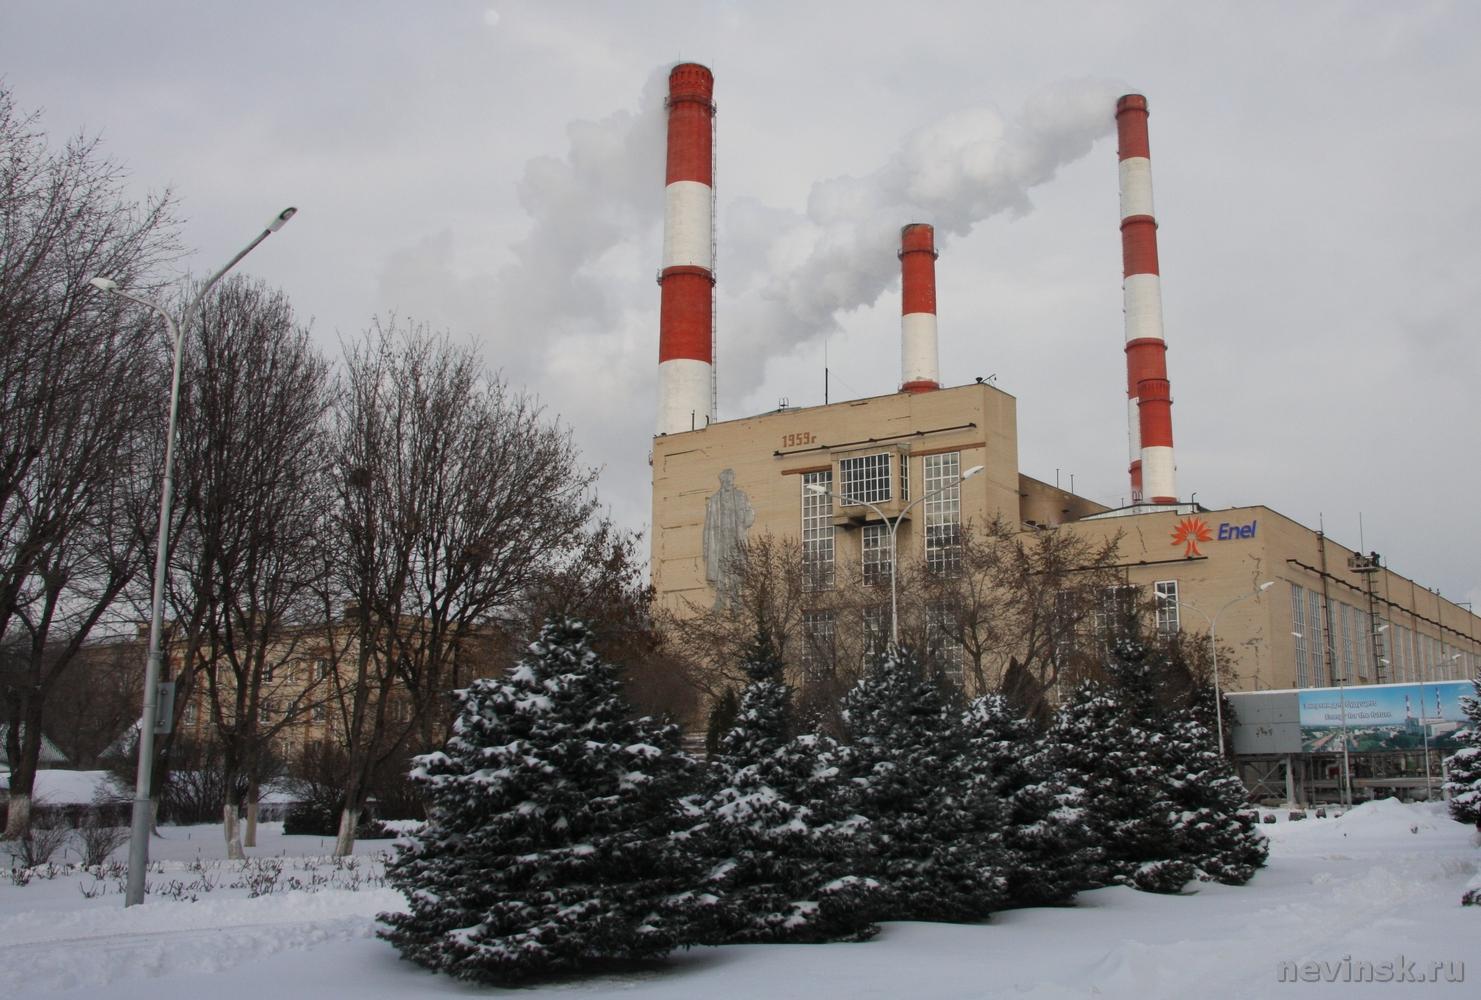 Реконструкция циркуляционных водоводов Невинномысской ГРЭС